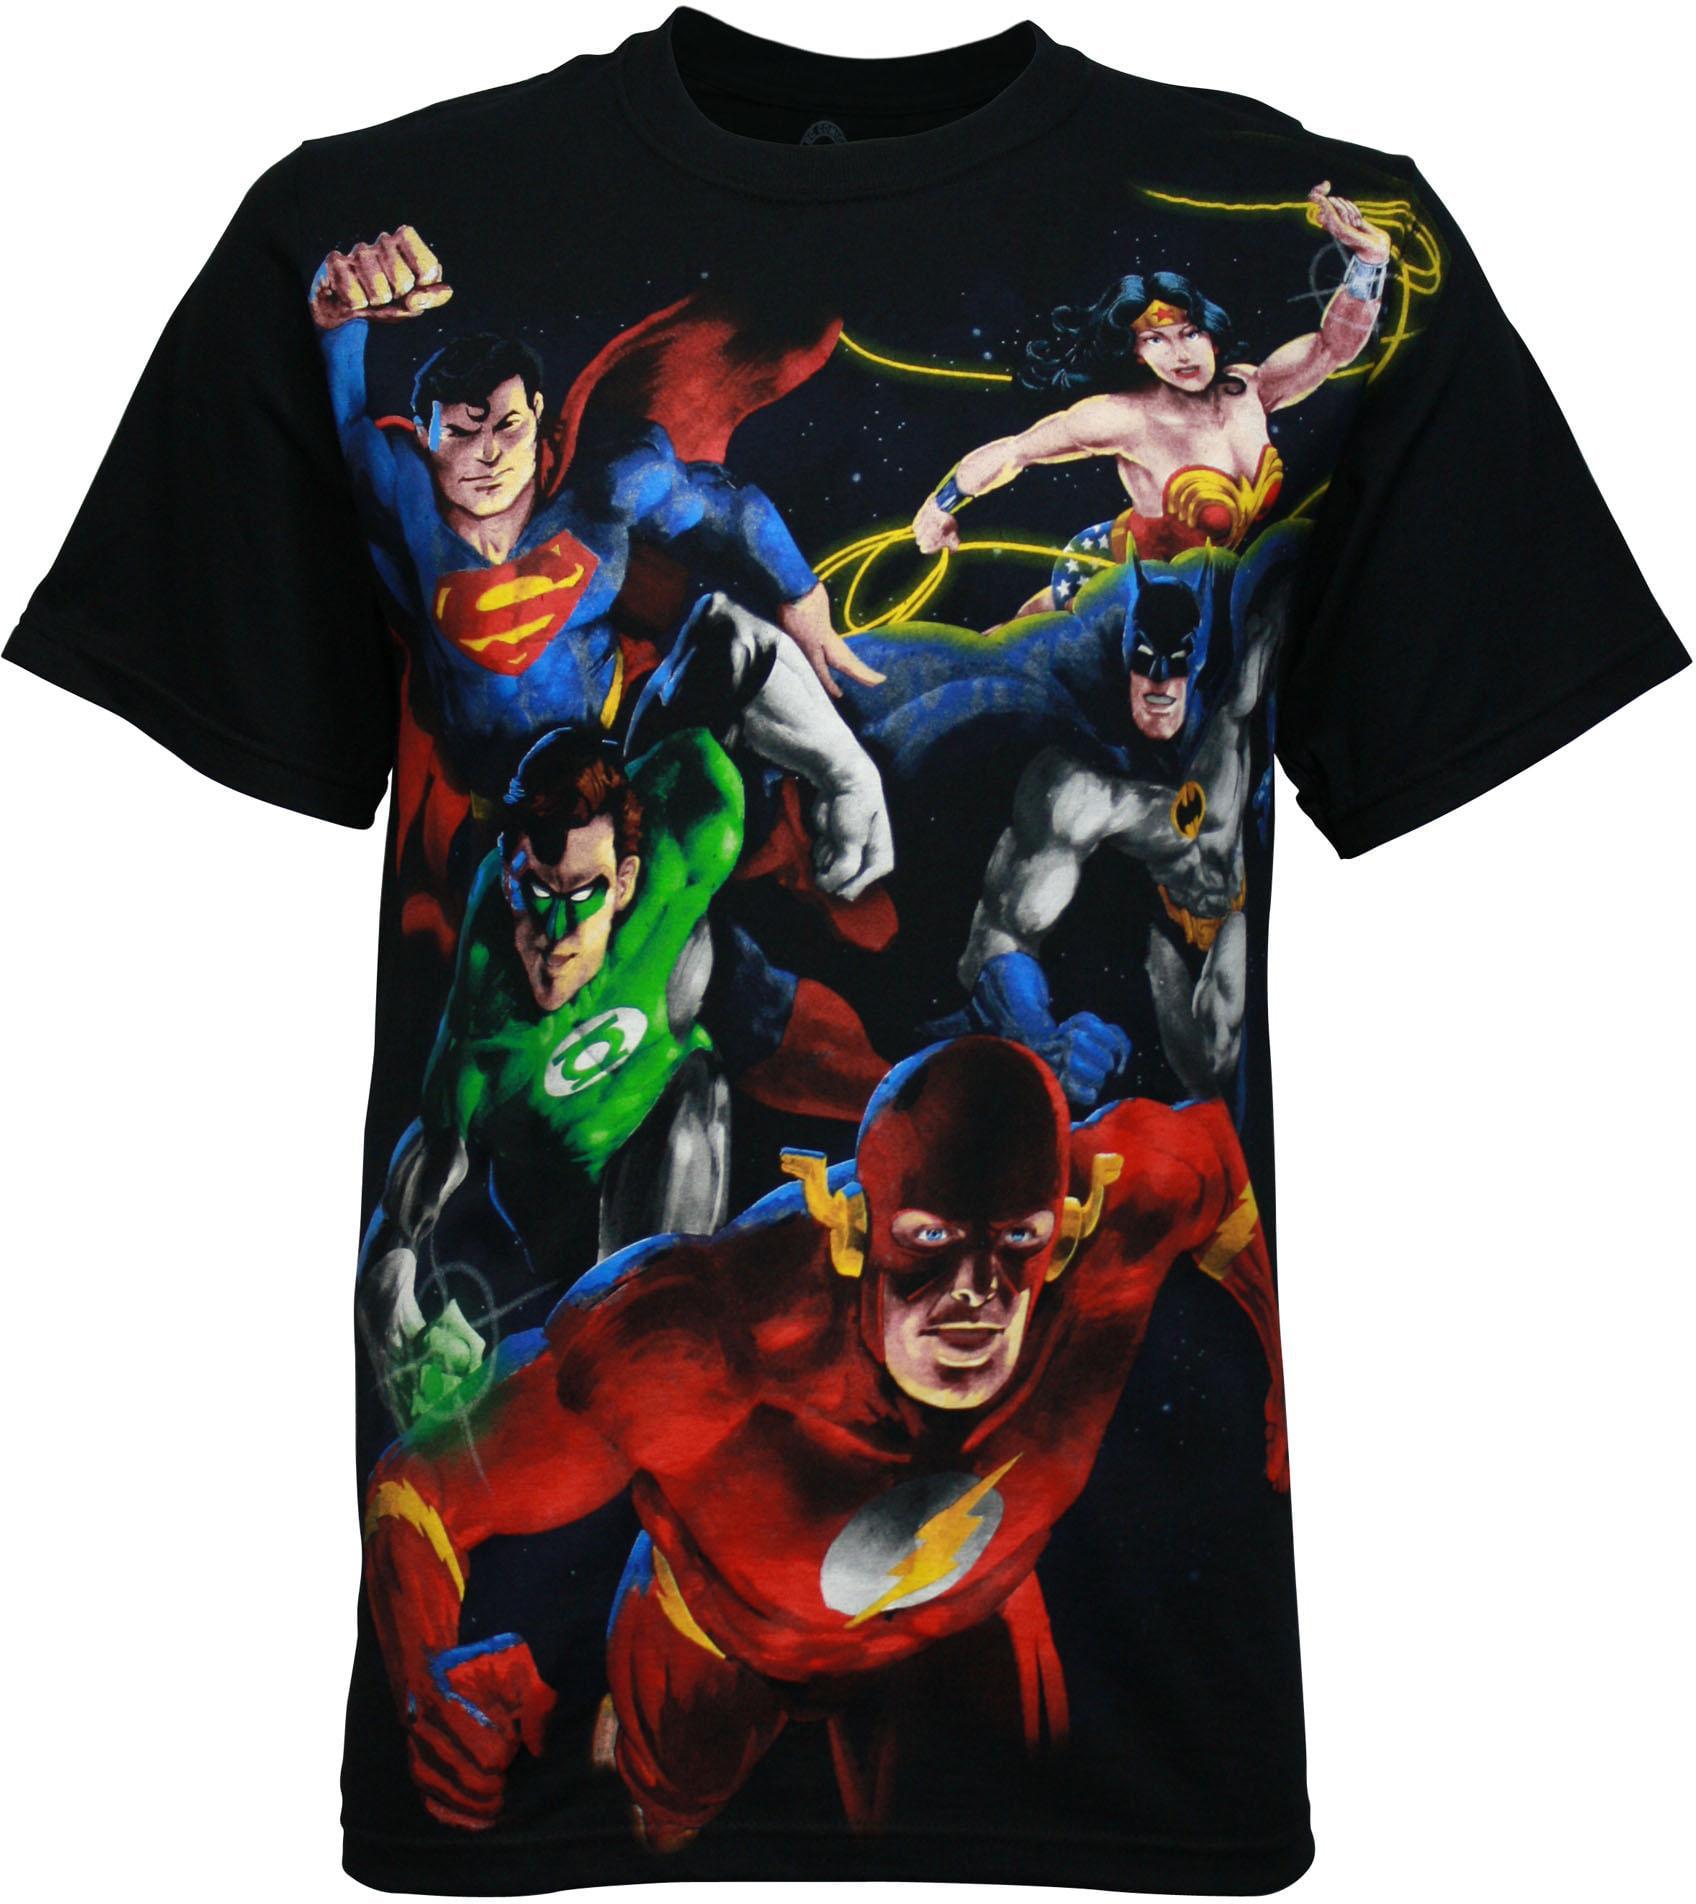 Men/'s T shirt Tie Dye DC COMICS Batman Superman Flash JUSTICE LEAGUE NEW BLACK